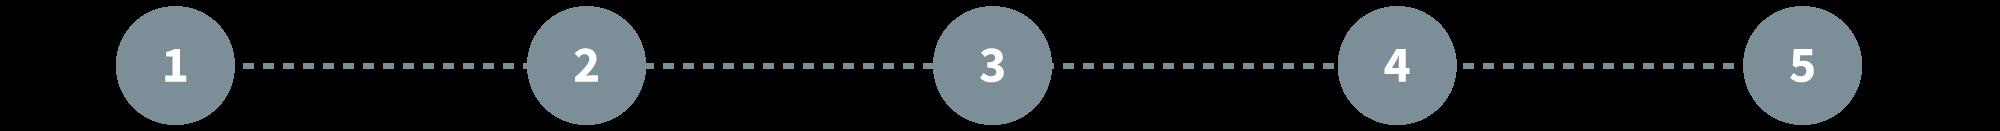 Vendre sur Mercateo en 5 étapes